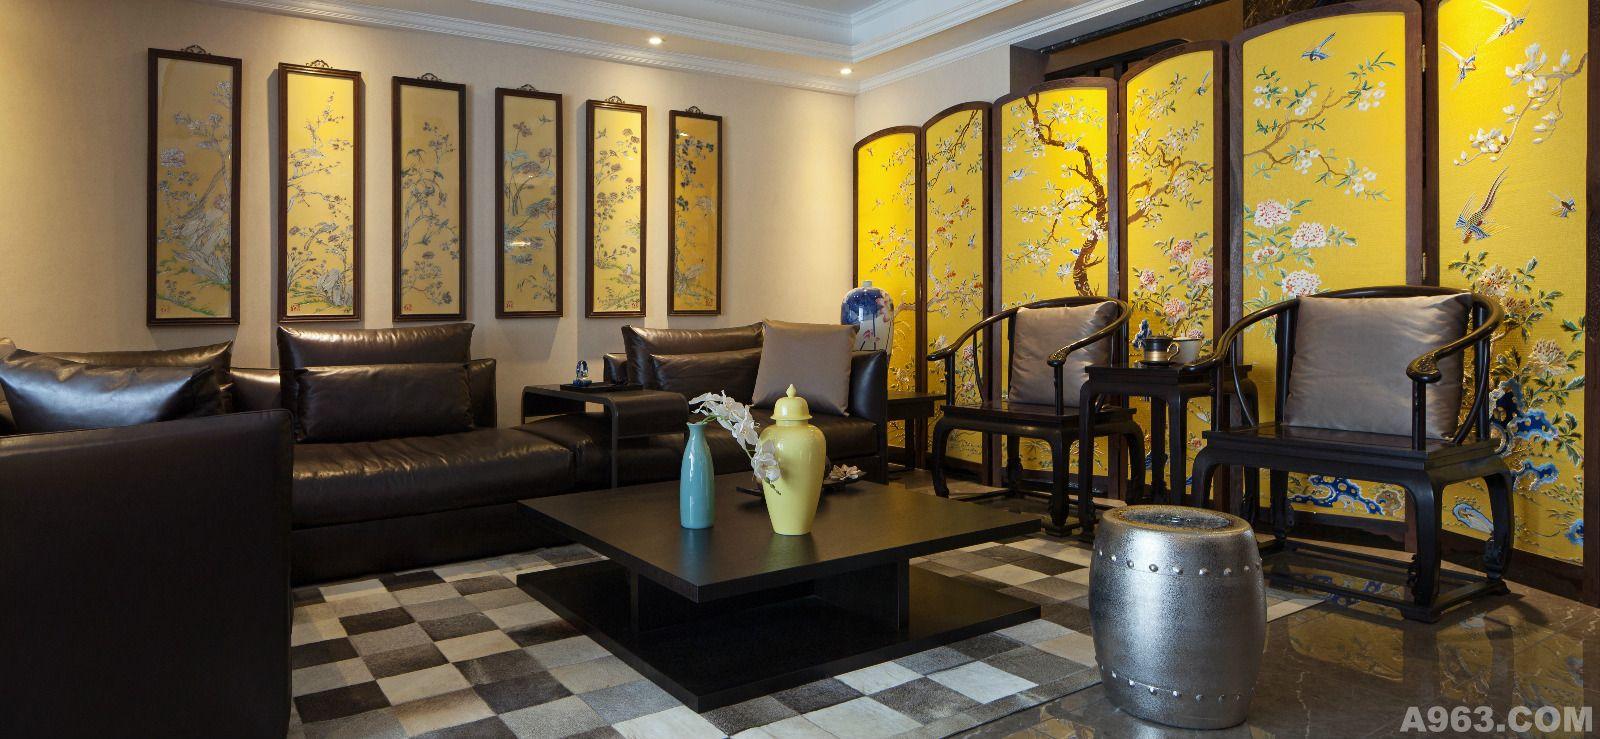 幽幽的水墨画演绎新中式唯美雅居 - 公寓设计 - 第5页